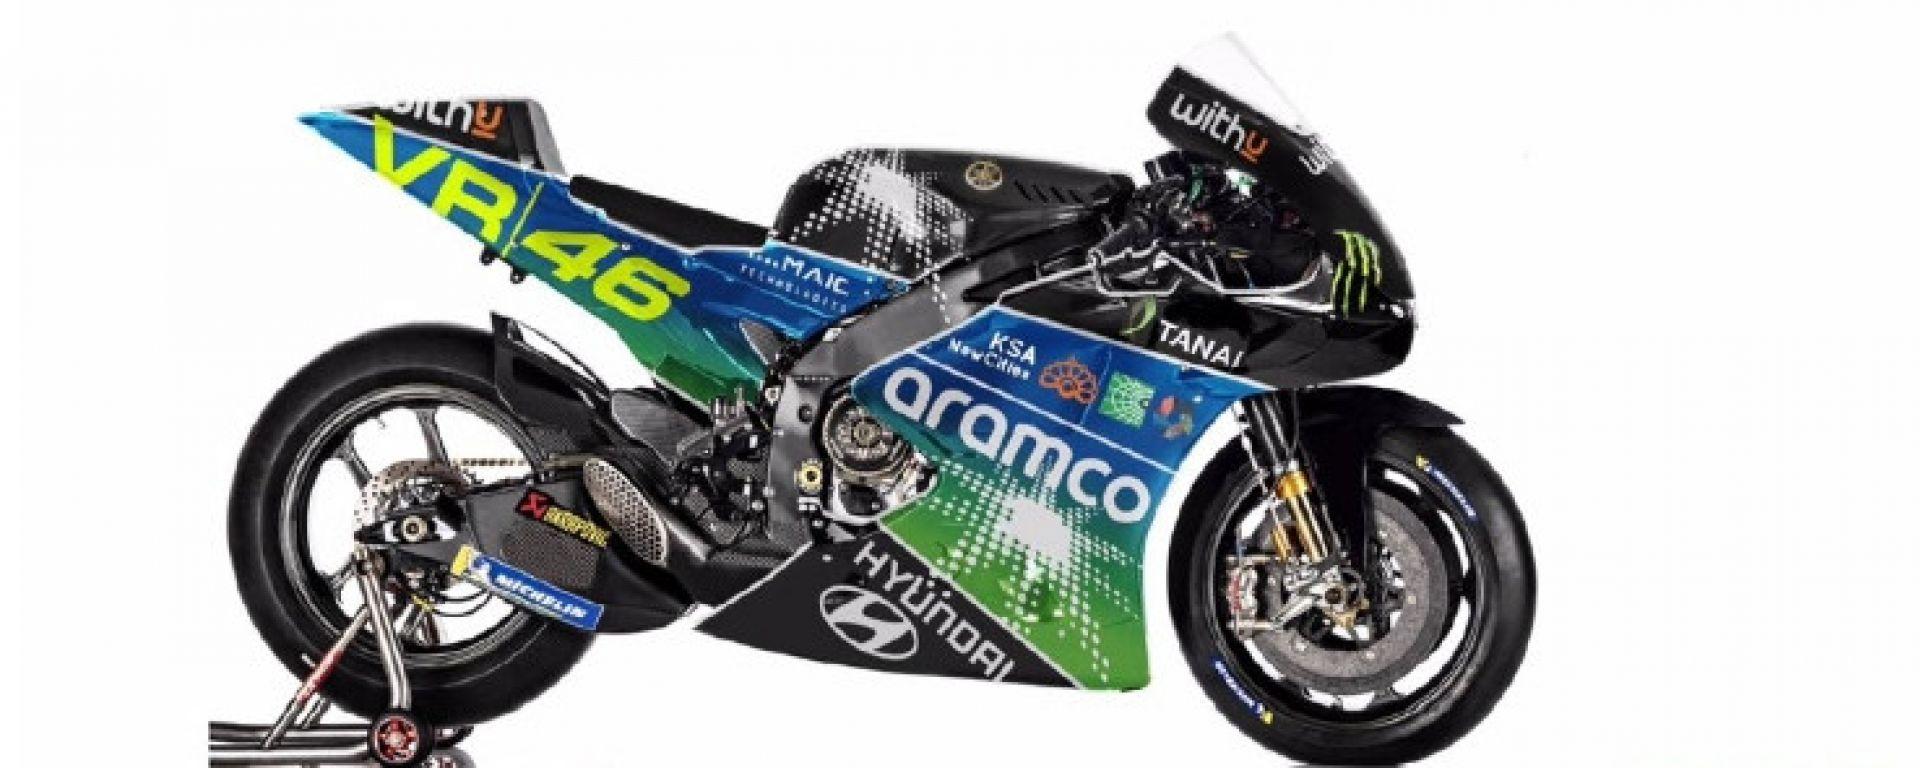 Accordo tra VR46 e Aramco per un team in MotoGP dal 2022 al 2026